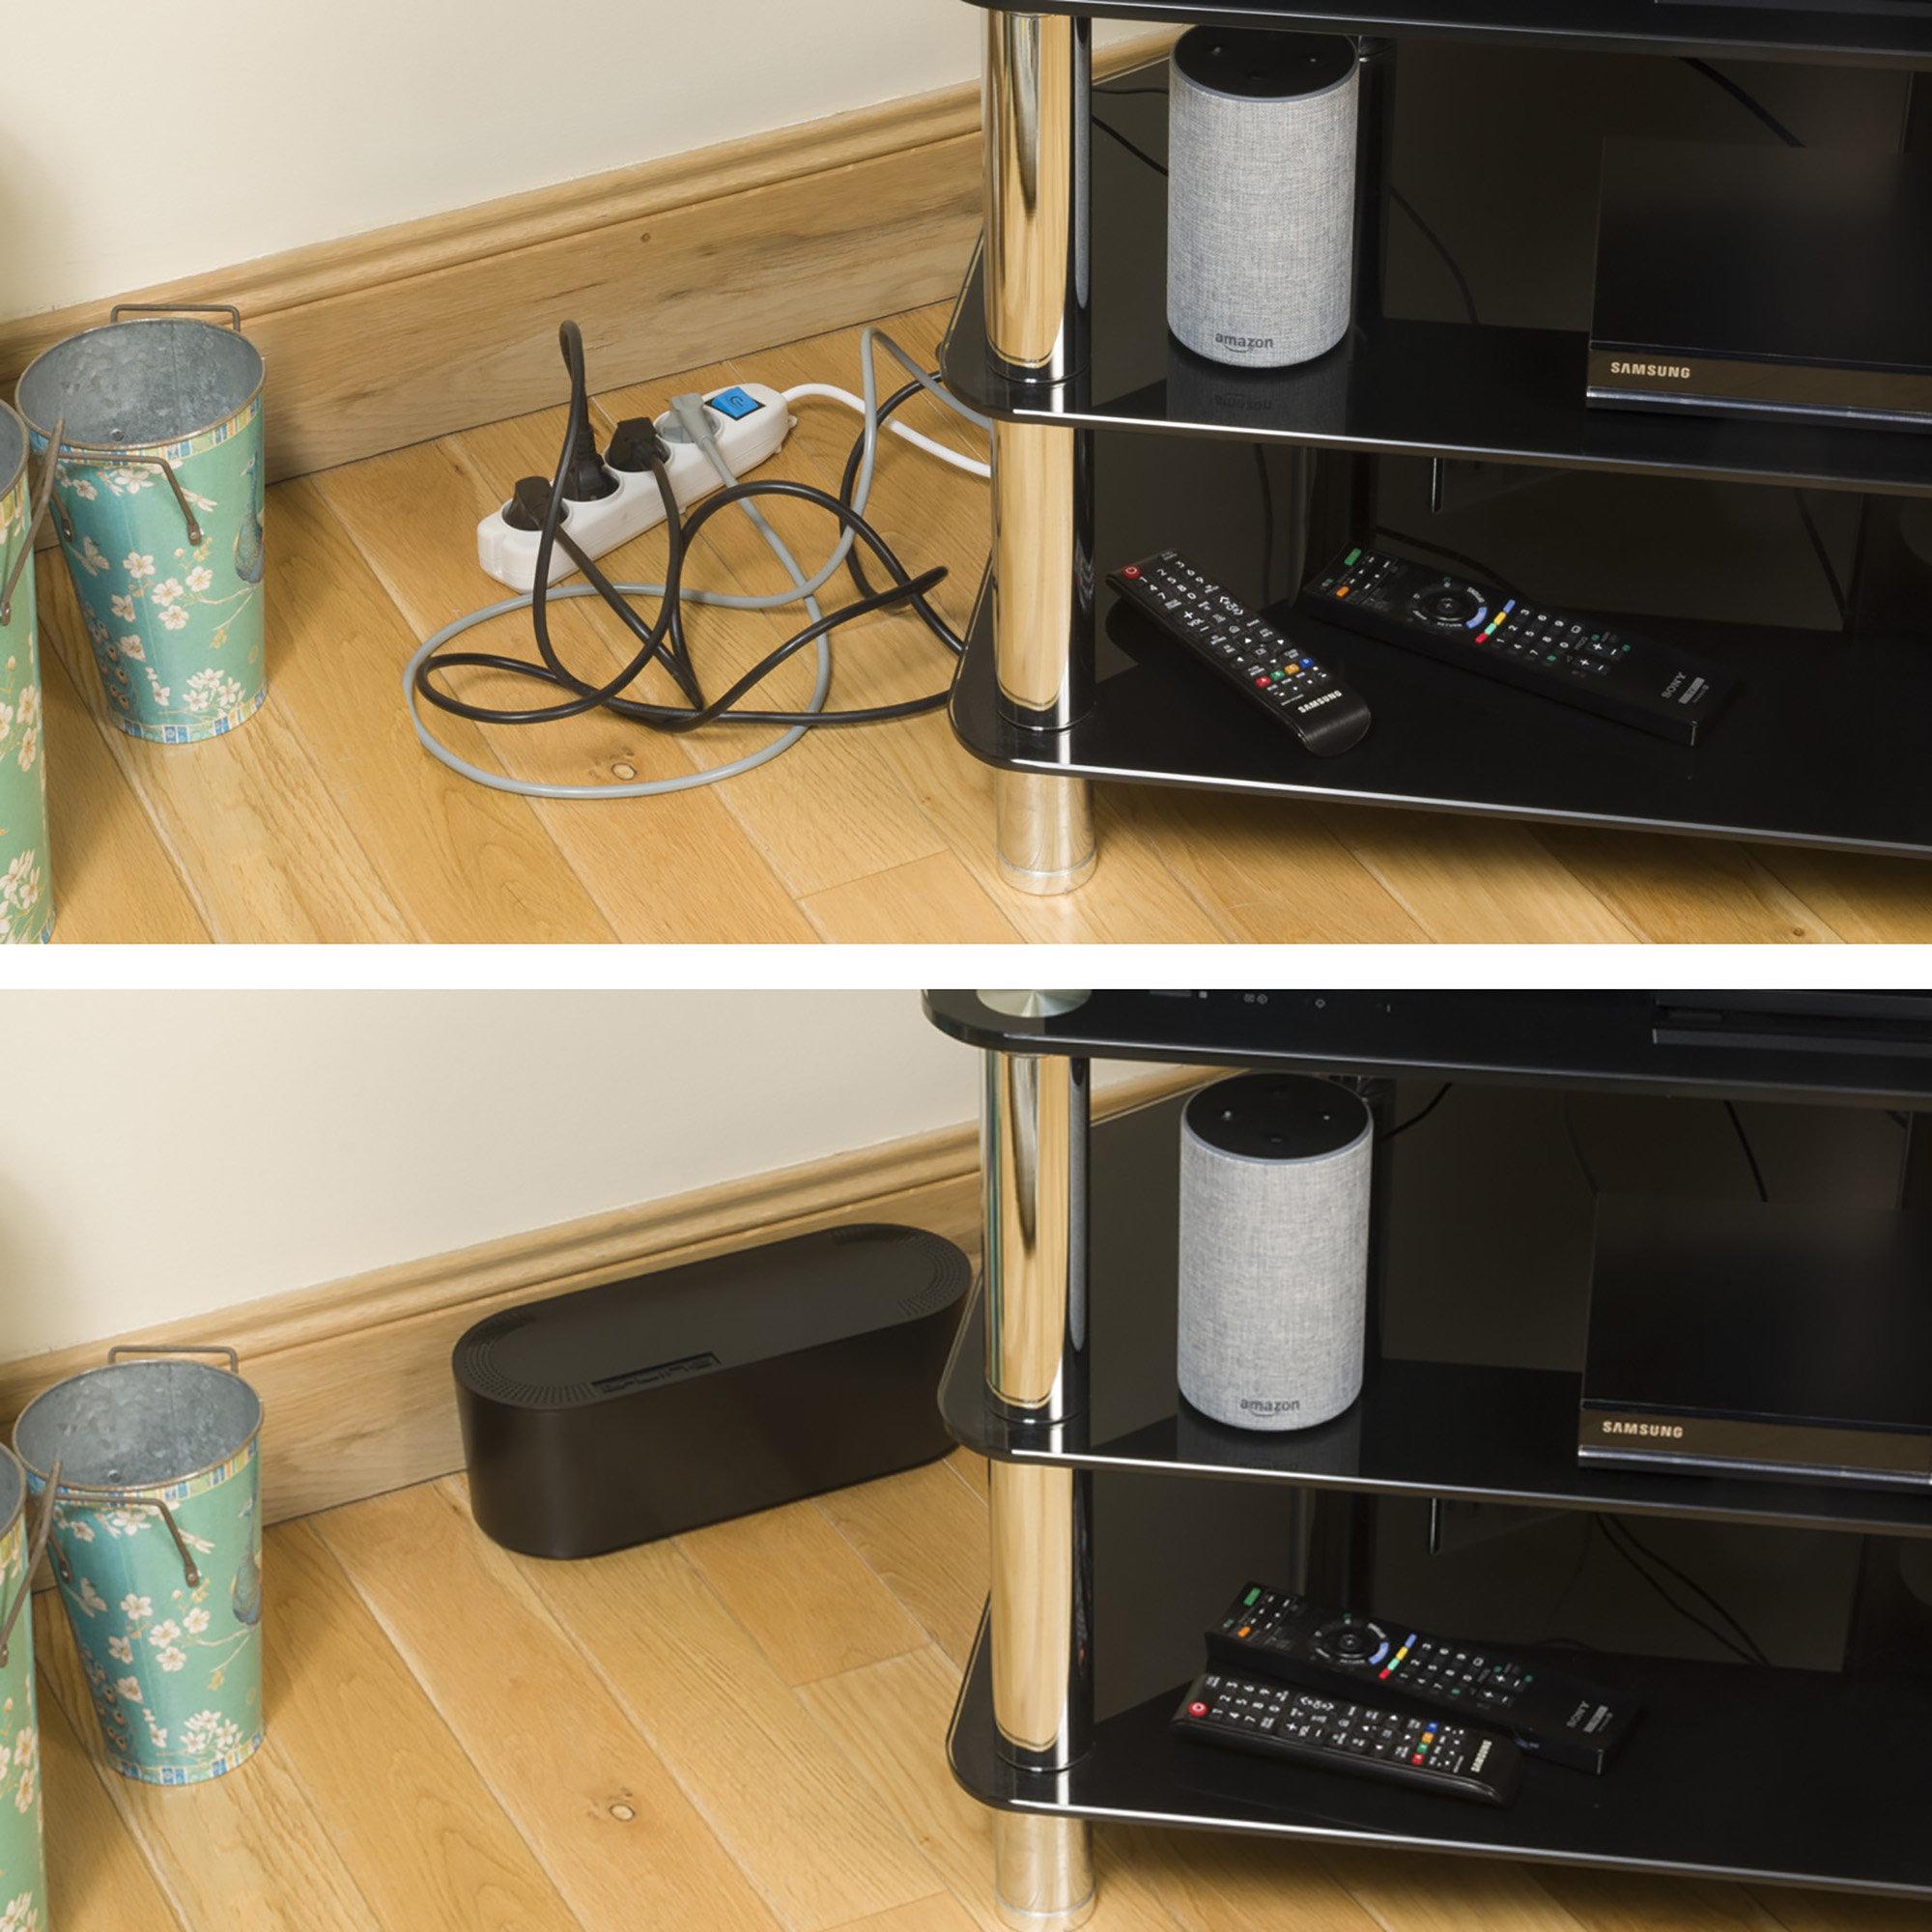 D Line Boite De Rangement De Cables Boite Cache Cable Garder Ranger Les Cables Noir Petite Boite Pour Les Blocs A 4 Prises Cdiscount Bricolage